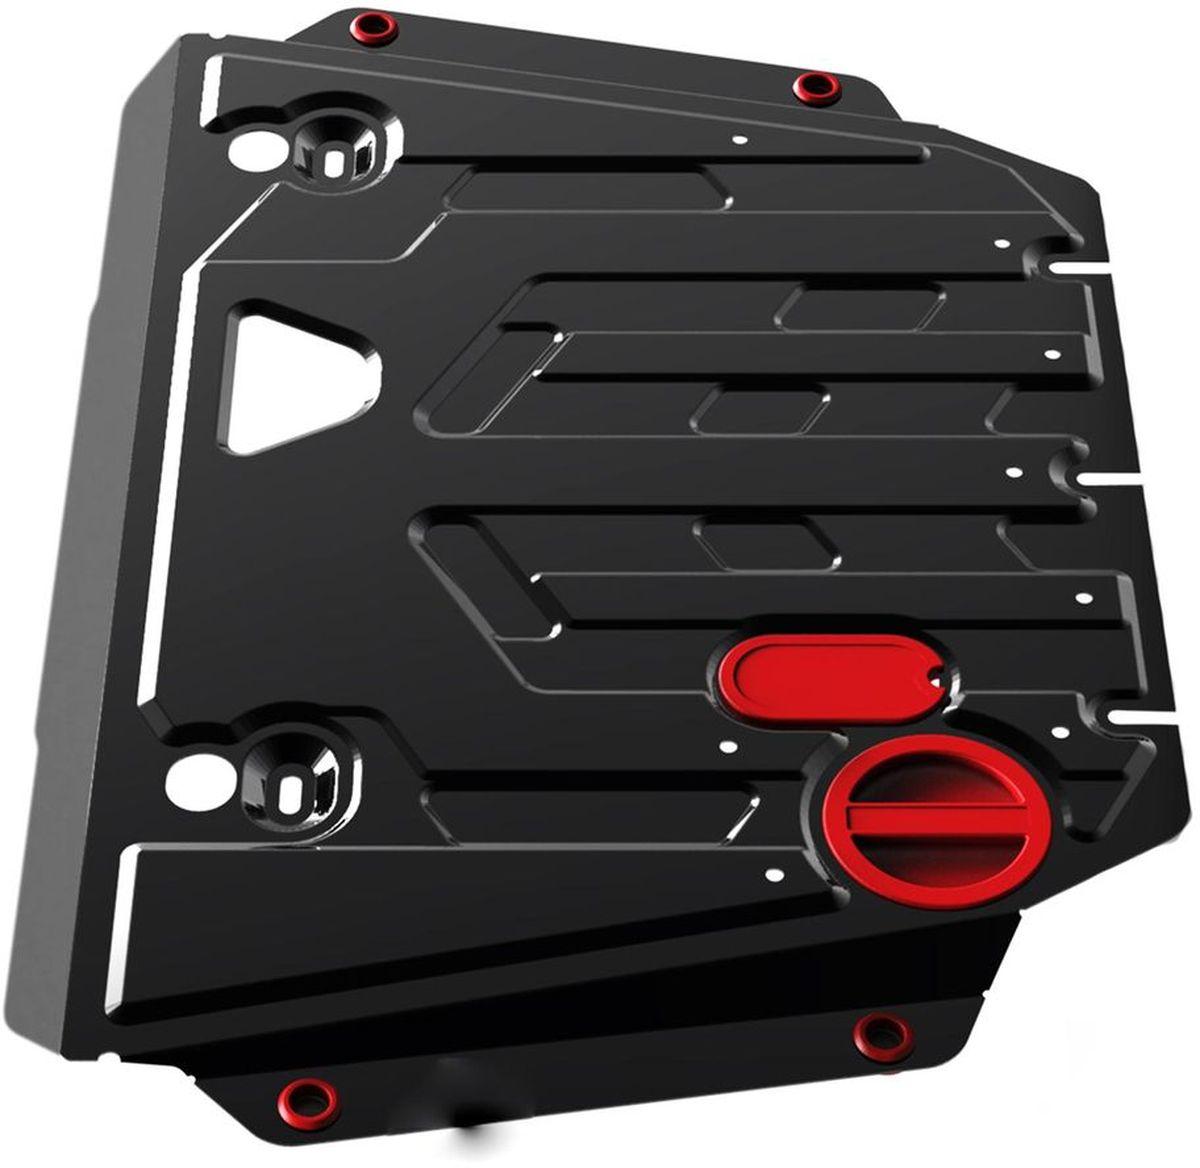 Защита картера и КПП Автоброня, для Kia Optima, V - все (2012-2016)111.02824.1Технологически совершенный продукт за невысокую стоимость. Защита разработана с учетом особенностей днища автомобиля, что позволяет сохранить дорожный просвет с минимальным изменением. Защита устанавливается в штатные места кузова автомобиля. Глубокий штамп обеспечивает до двух раз больше жесткости в сравнении с обычной защитой той же толщины. Проштампованные ребра жесткости препятствуют деформации защиты при ударах. Тепловой зазор и вентиляционные отверстия обеспечивают сохранение температурного режима двигателя в норме. Скрытый крепеж предотвращает срыв крепежных элементов при наезде на препятствие. Шумопоглощающие резиновые элементы обеспечивают комфортную езду без вибраций и скрежета металла, а съемные лючки для слива масла и замены фильтра - экономию средств и время. Конструкция изделия не влияет на пассивную безопасность автомобиля (при ударе защита не воздействует на деформационные зоны кузова). Со штатным крепежом. В комплекте инструкция по установке....